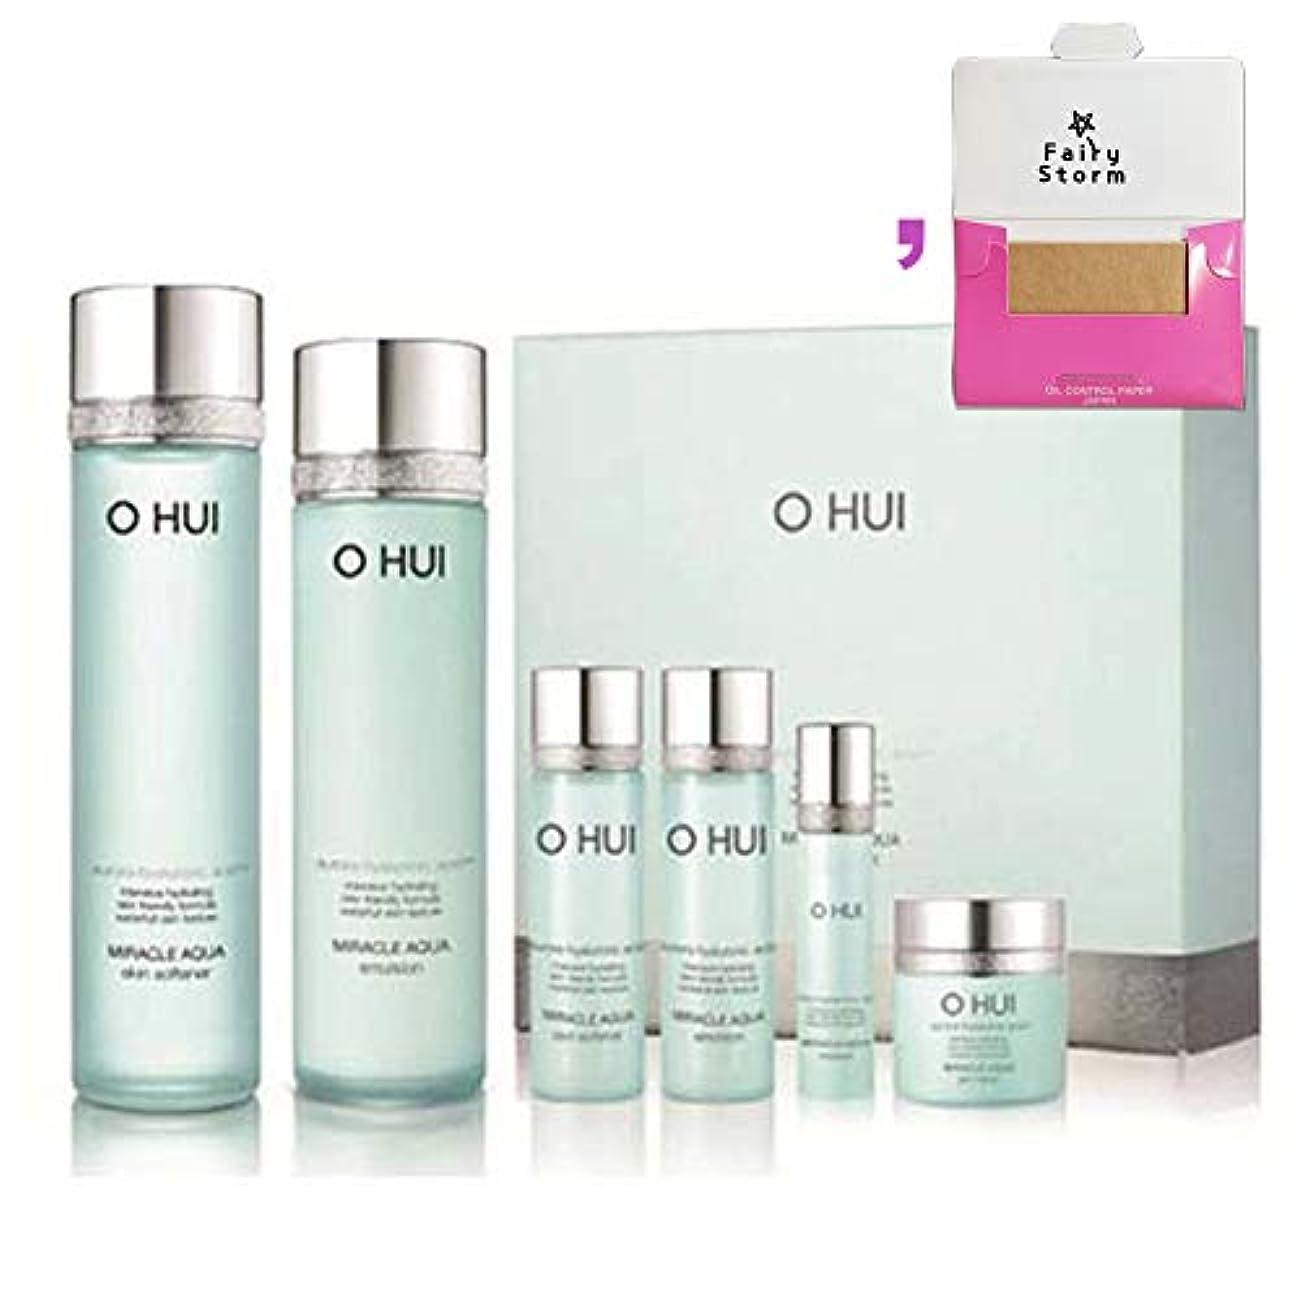 物質最大限チラチラする[オフィ/O HUI]韓国化粧品LG生活健康/O HUI MIRACLE AQUA SPECIAL 2EA SET/ミラクルアクア 2種セット+[Sample Gift](海外直送品)